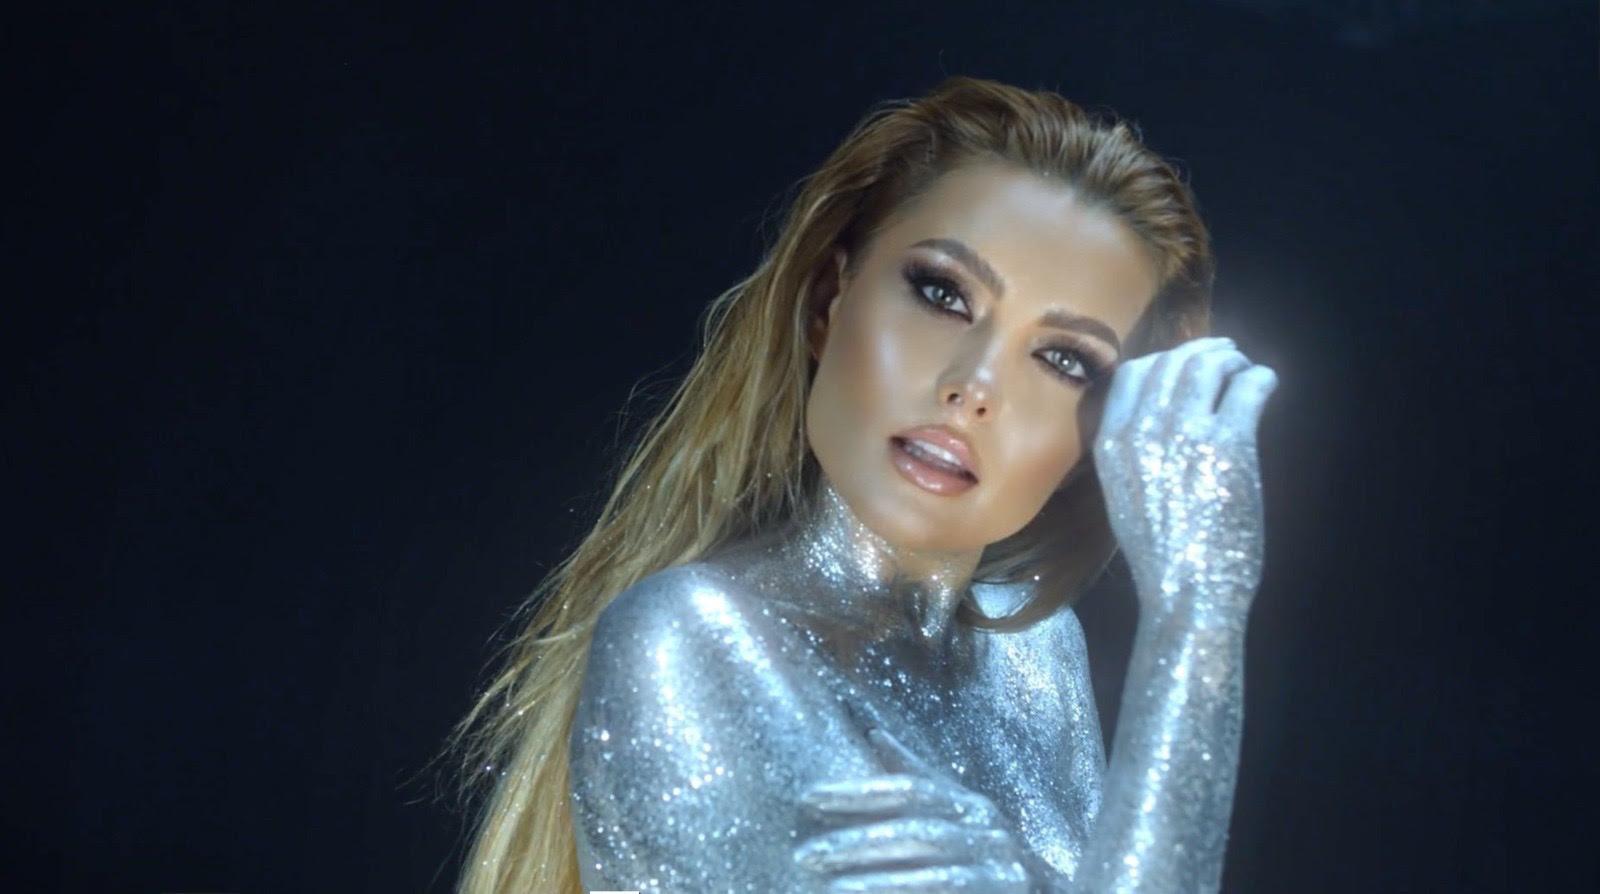 """Elena lansează """"Vulnerabili"""", o piesă sensibilă cu un videoclip cosmic"""